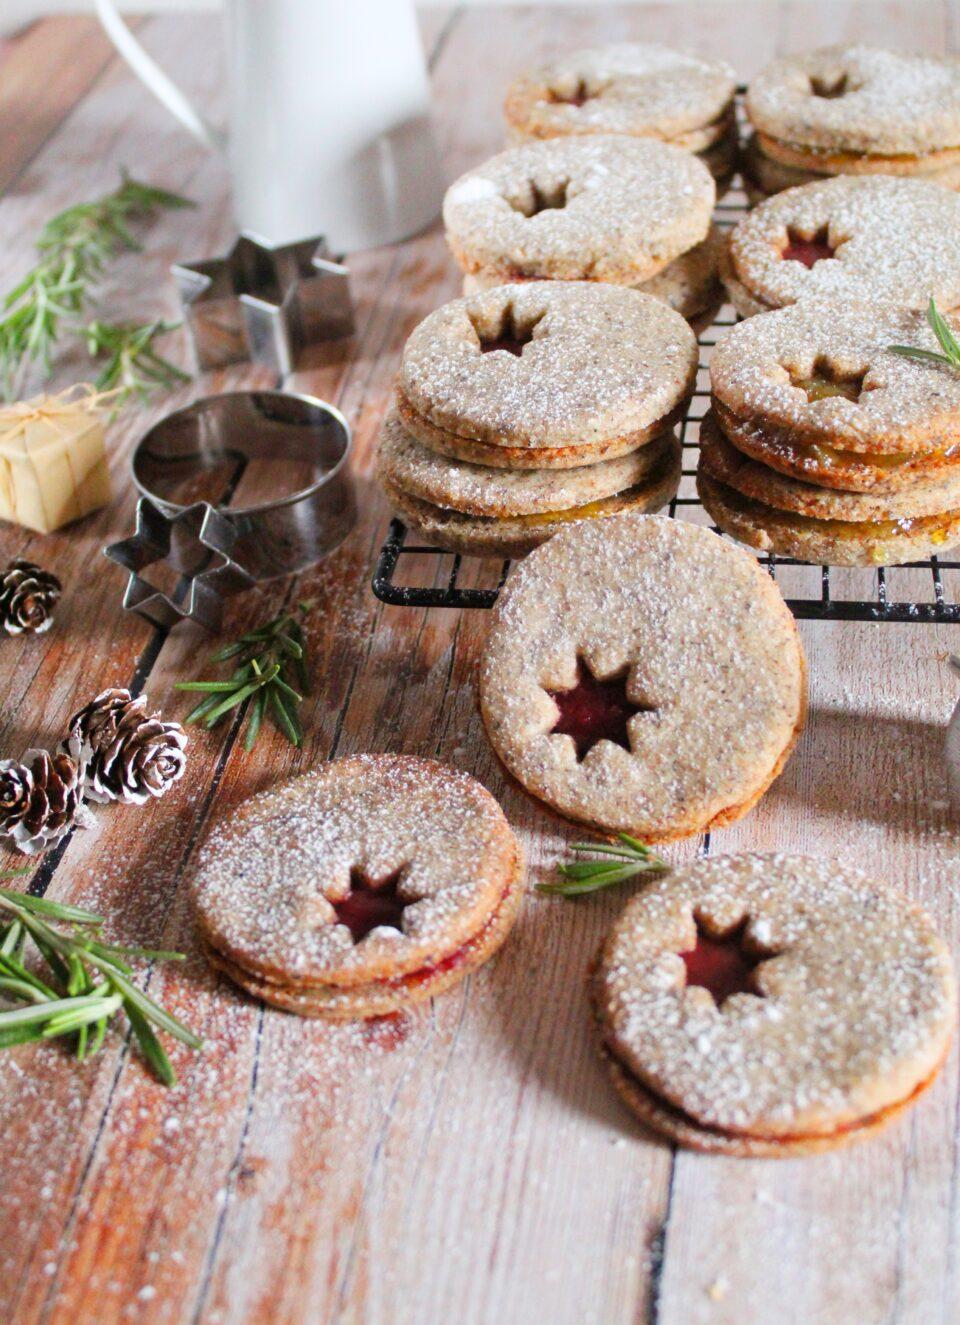 (Italiano) Biscotti al grano saraceno e mandorle